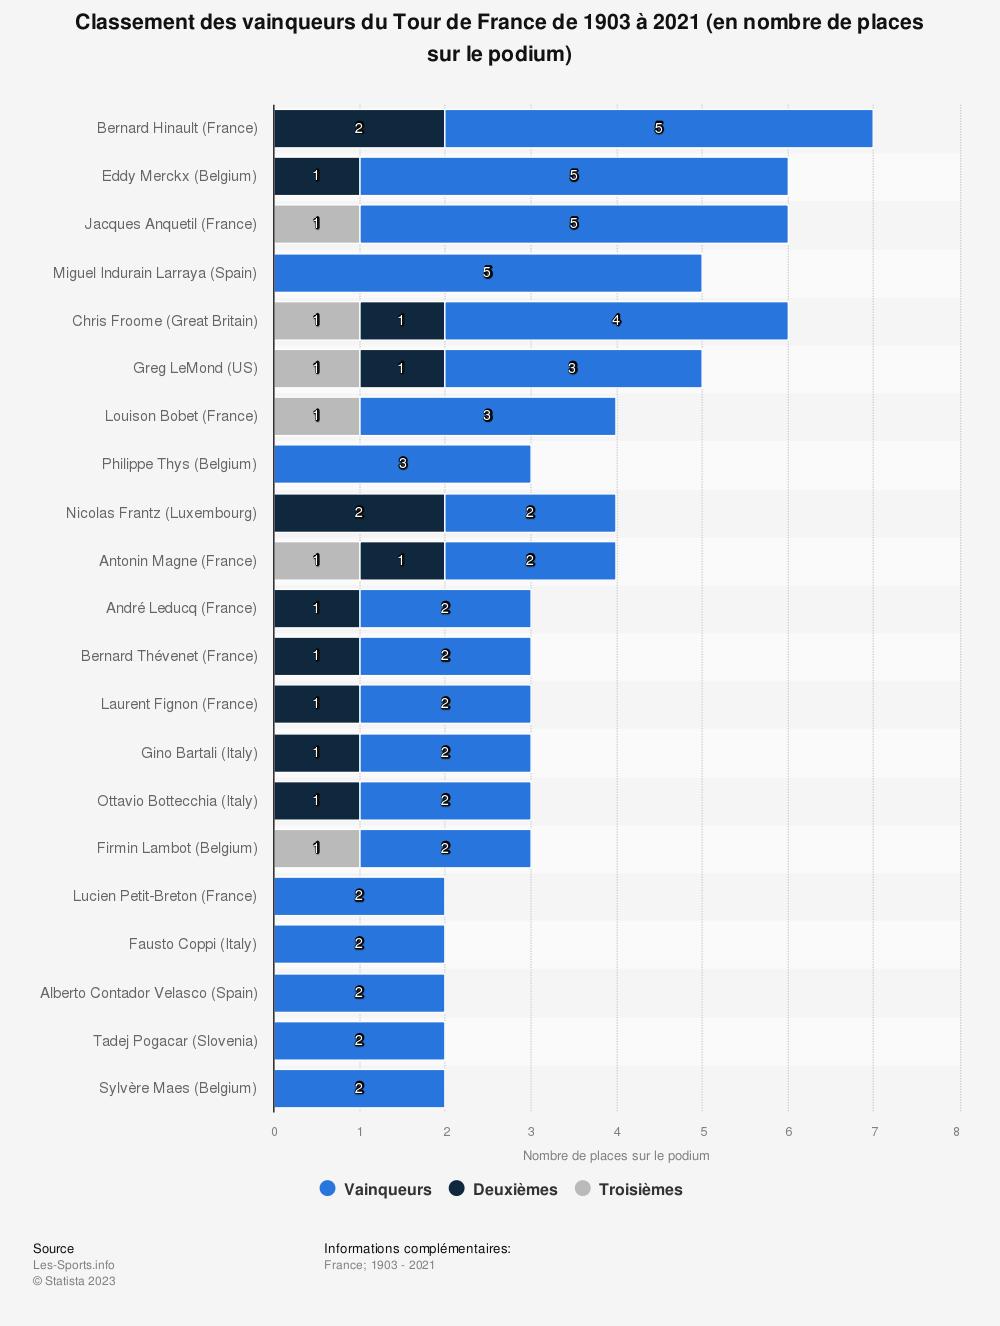 Statistique: Classement des vainqueurs du Tour de France de 1903 à 2018 (en nombre de places sur le podium) | Statista